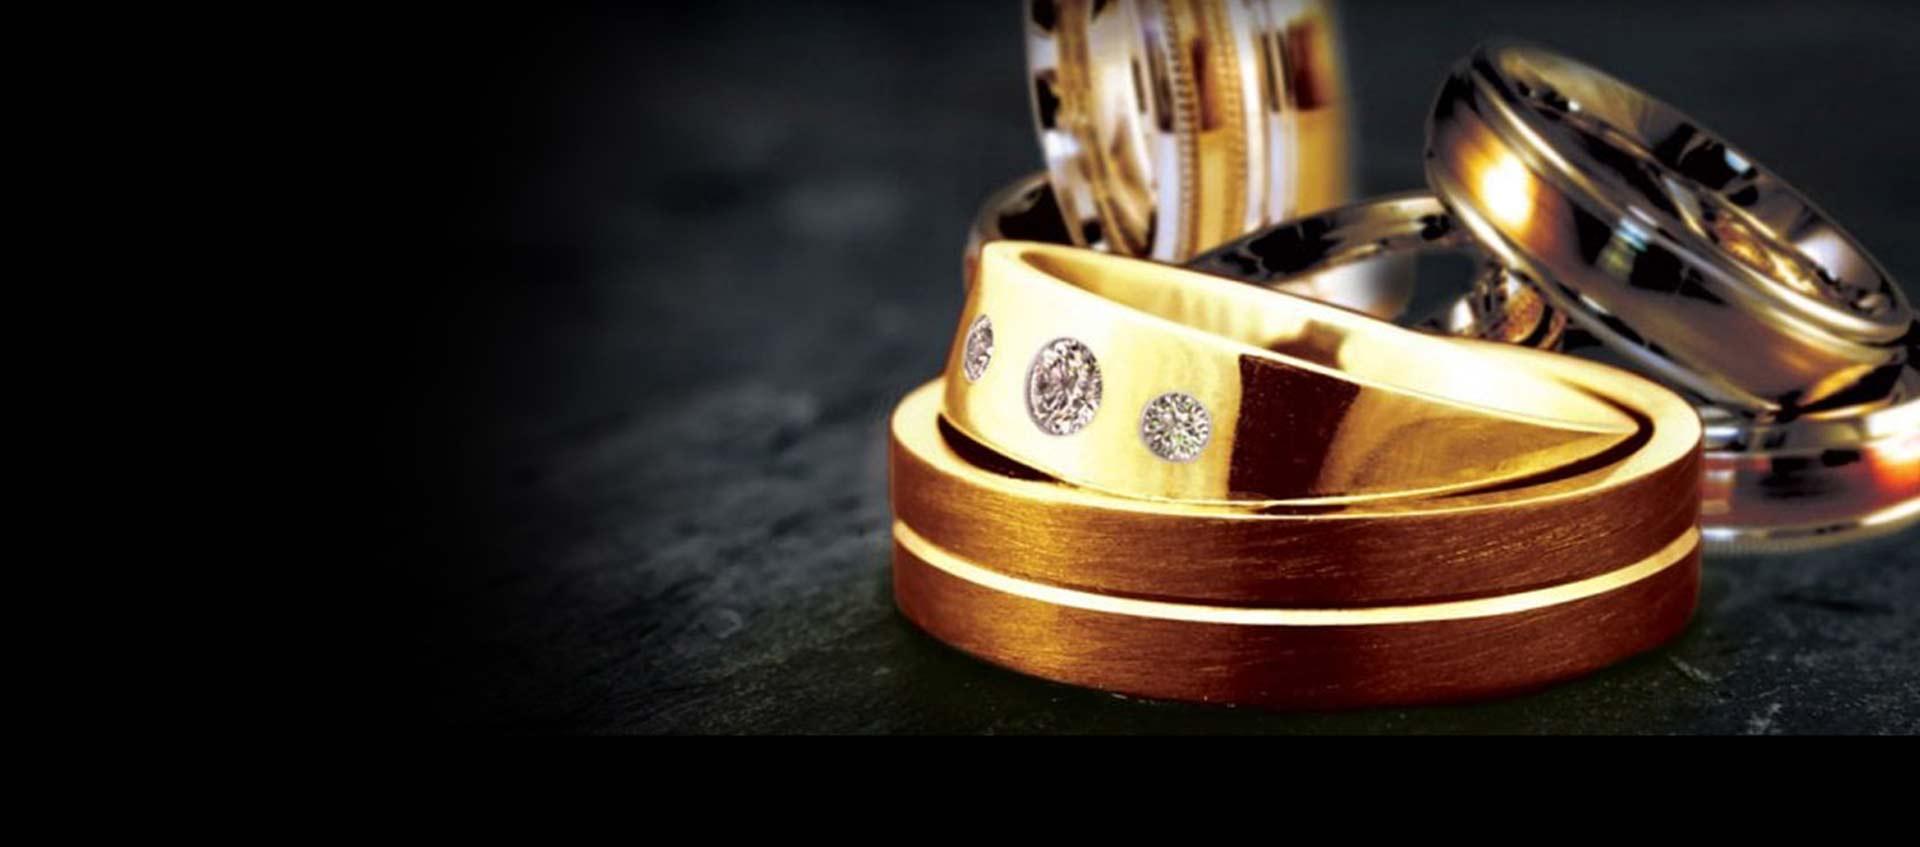 Ethical Gold Precious Metals